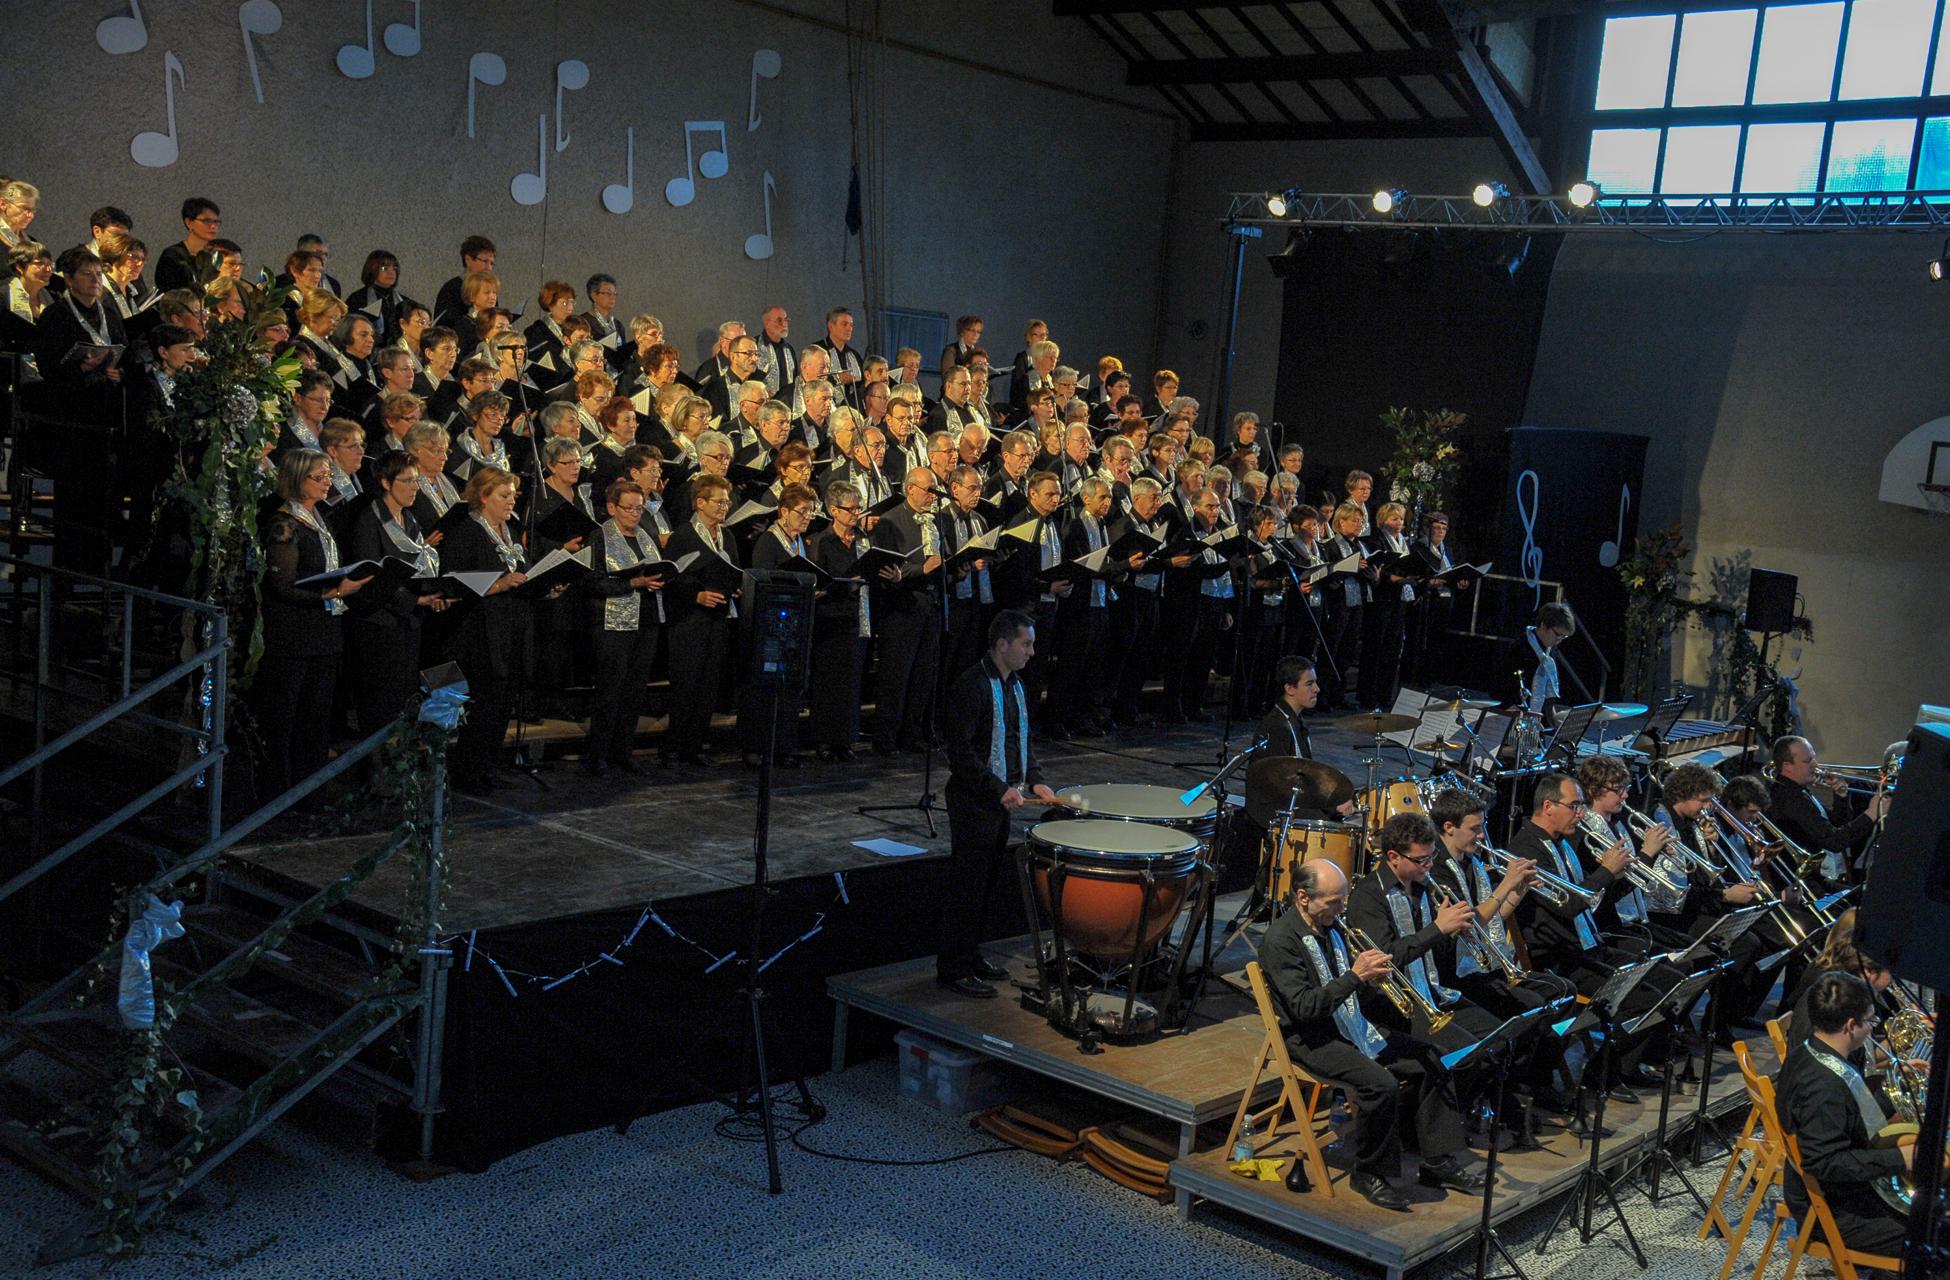 chœur de Ludna concert chorale